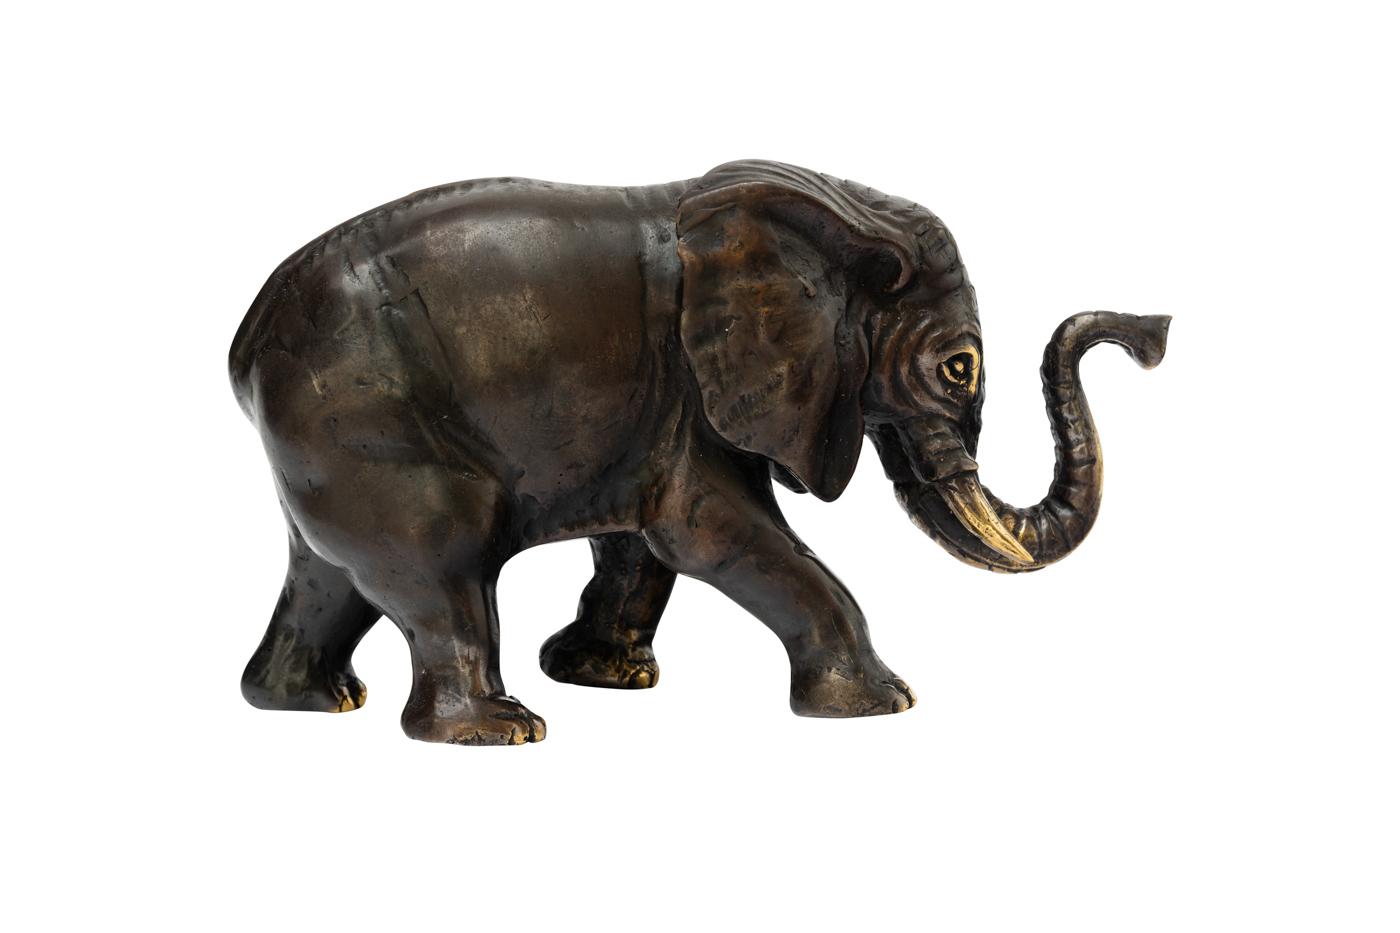 Decorative bronze elephant